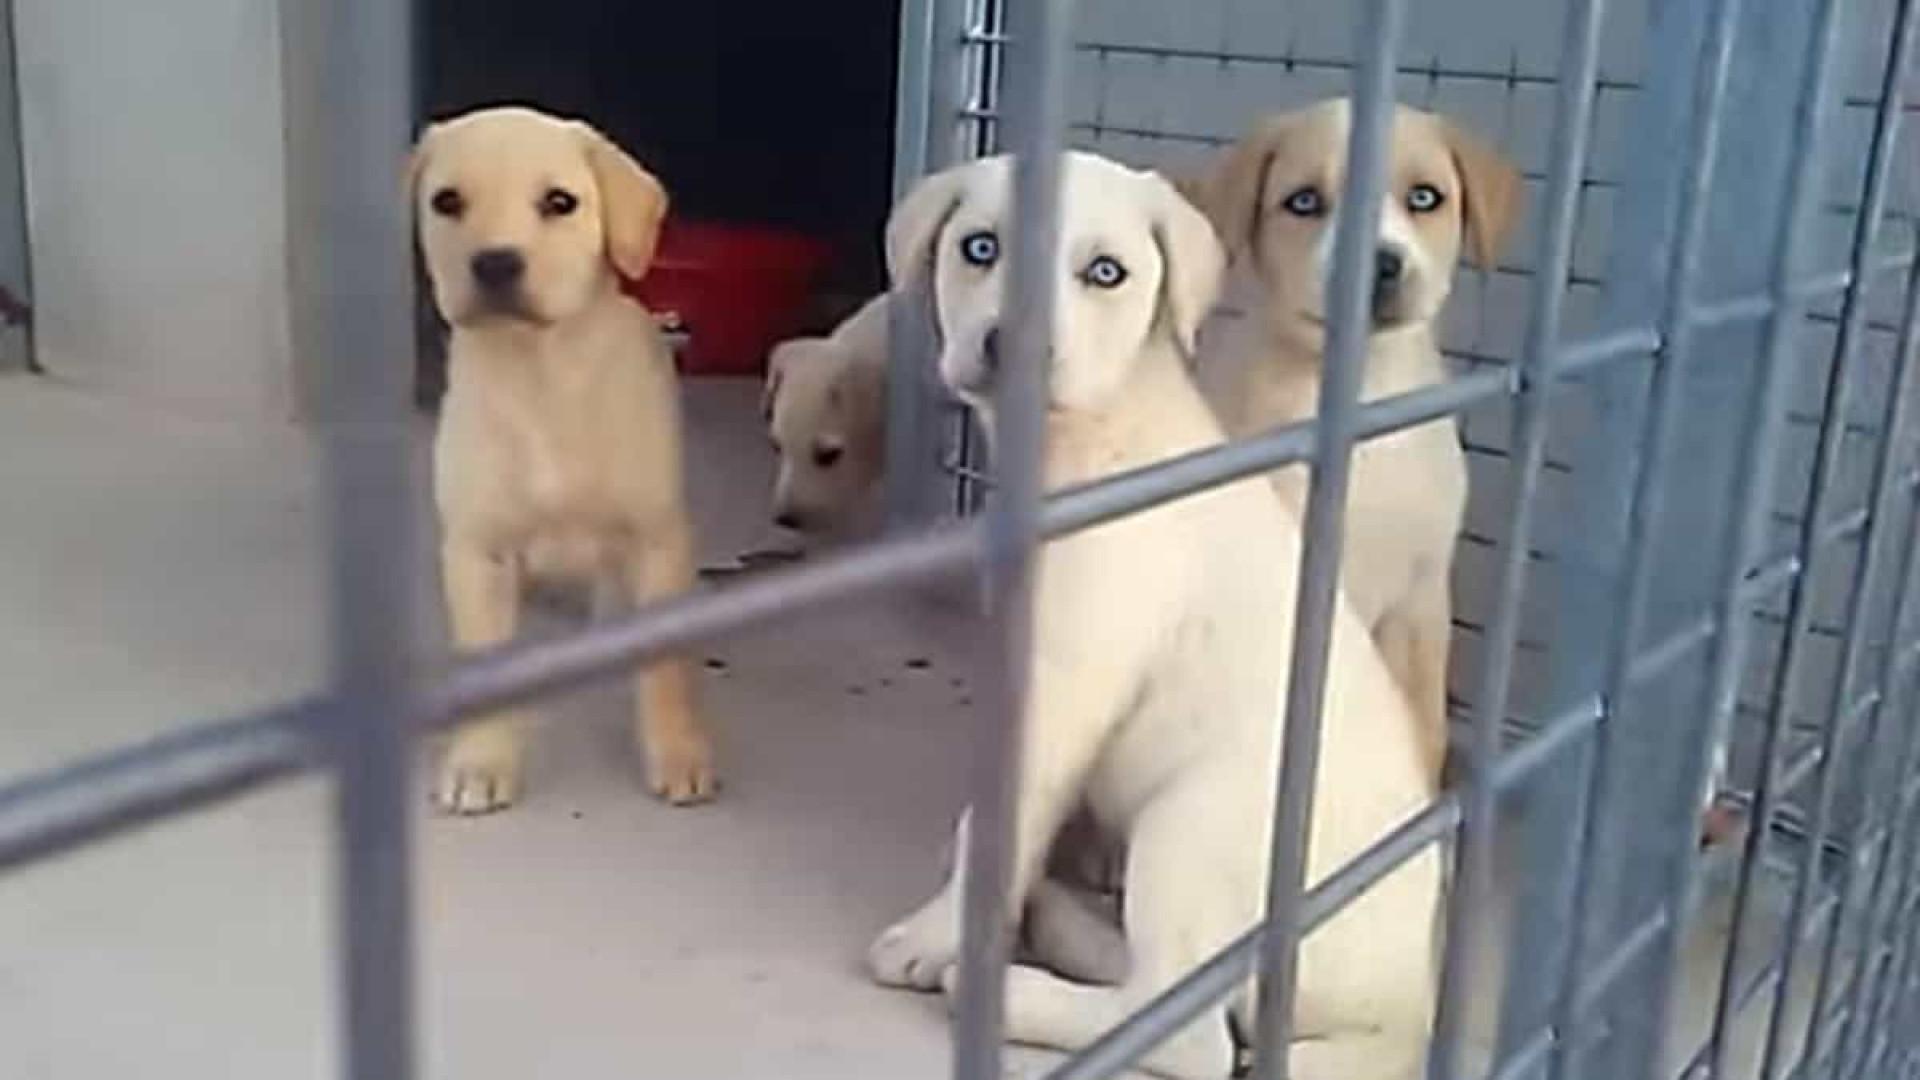 Cachorros enterrados vivos em Espanha foram resgatados. Eis as imagens